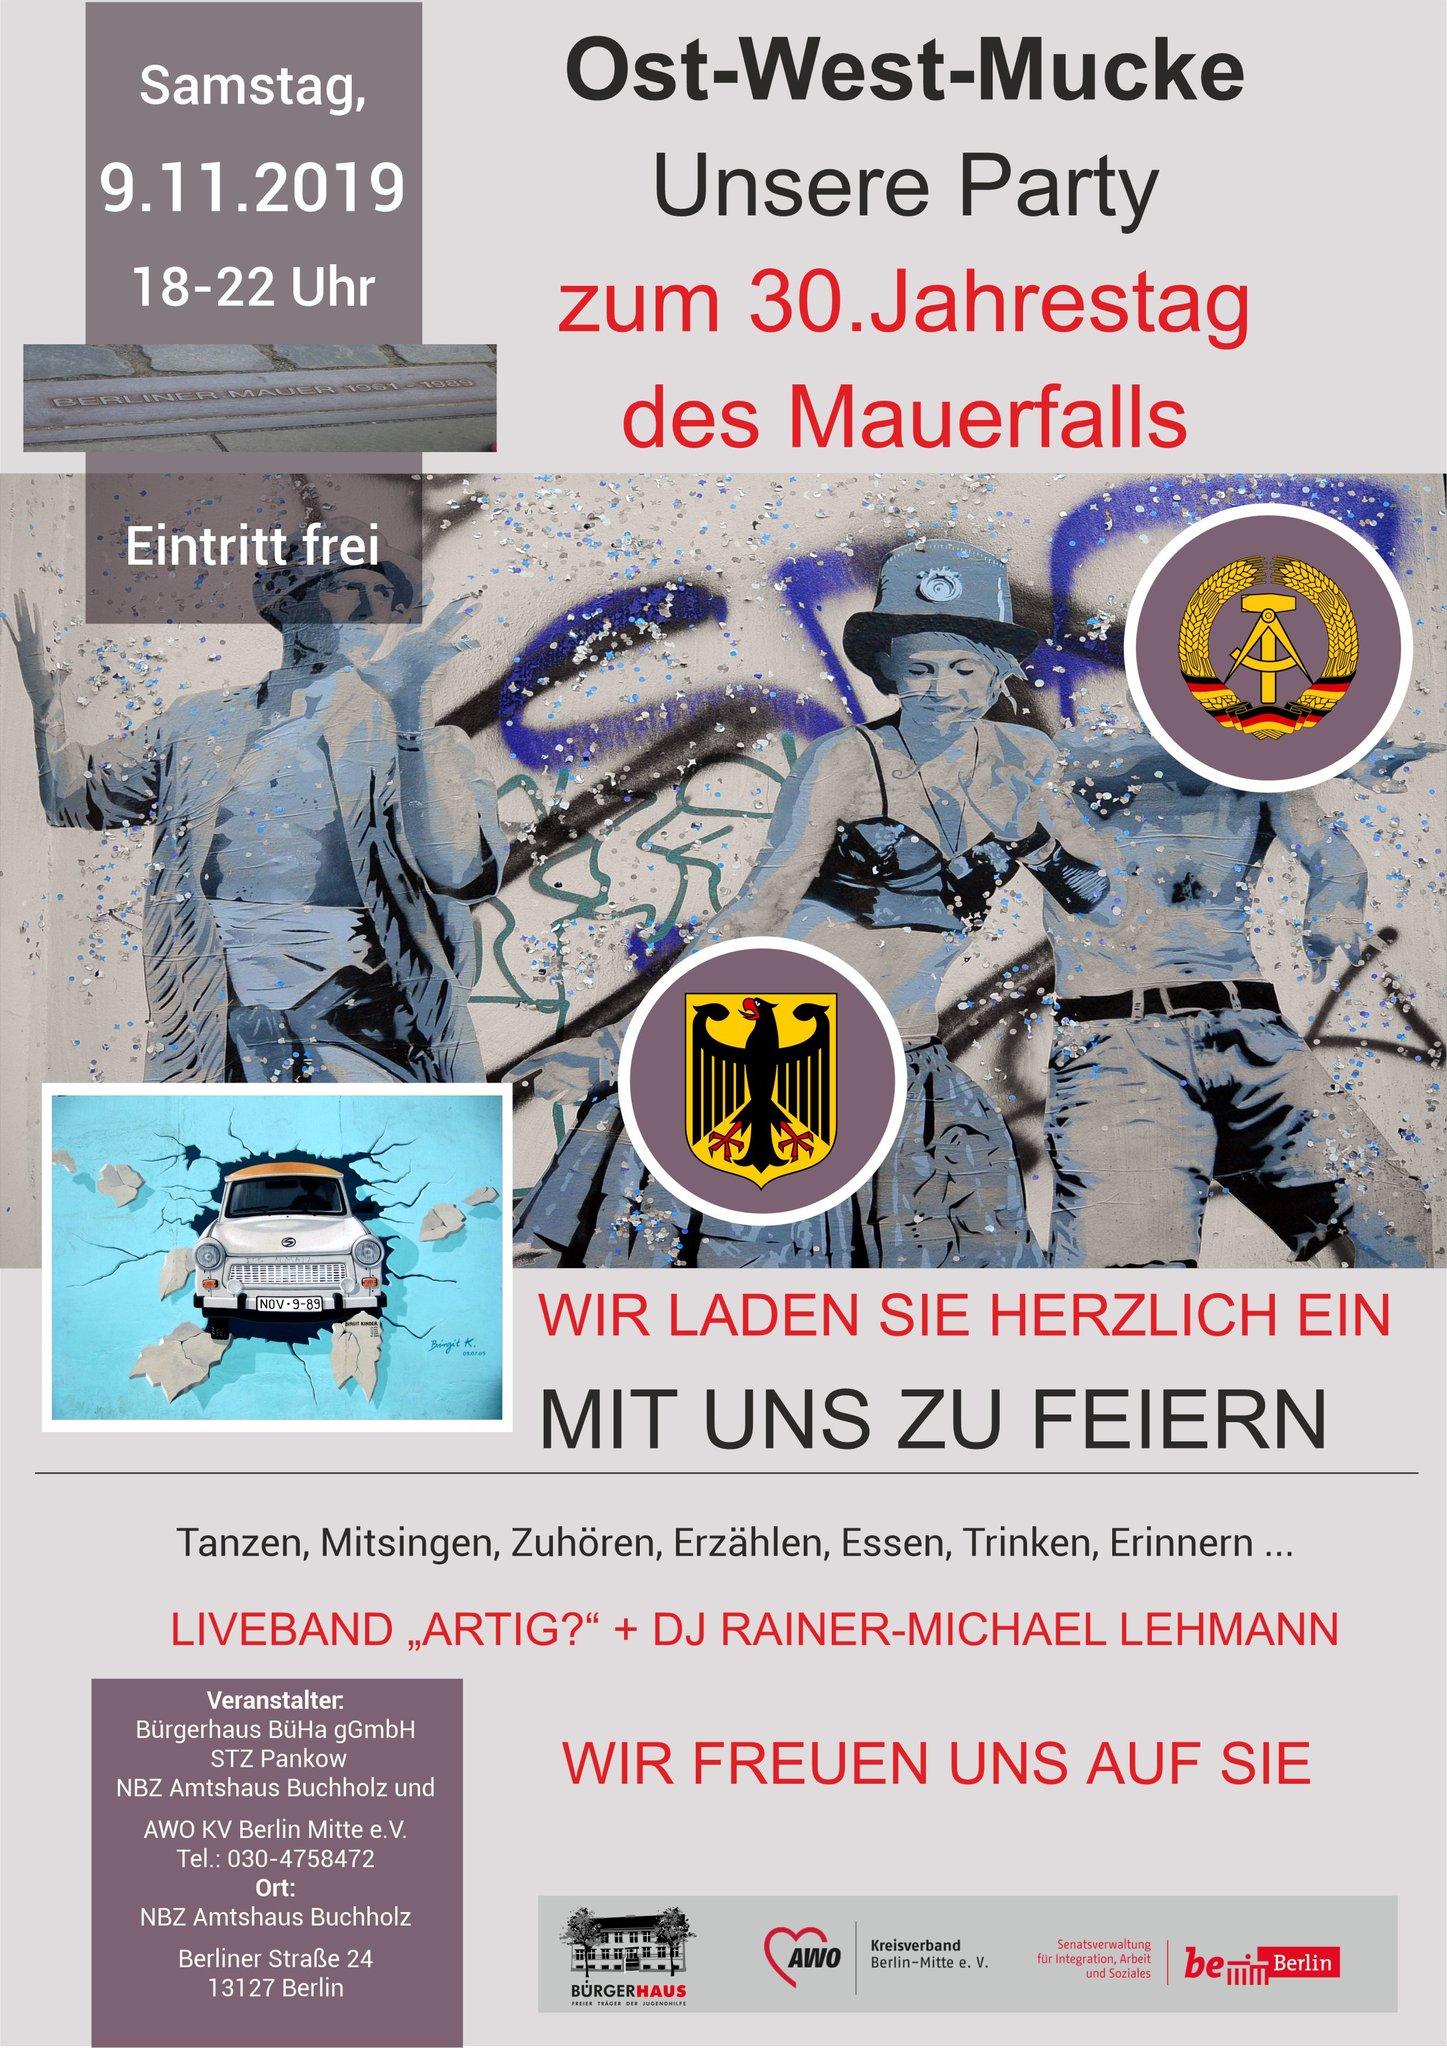 Ost-West-Mucke: Unsere Party zum 30. Jahrestag des Mauerfalls - Französisch Buchholz - Berliner Woche